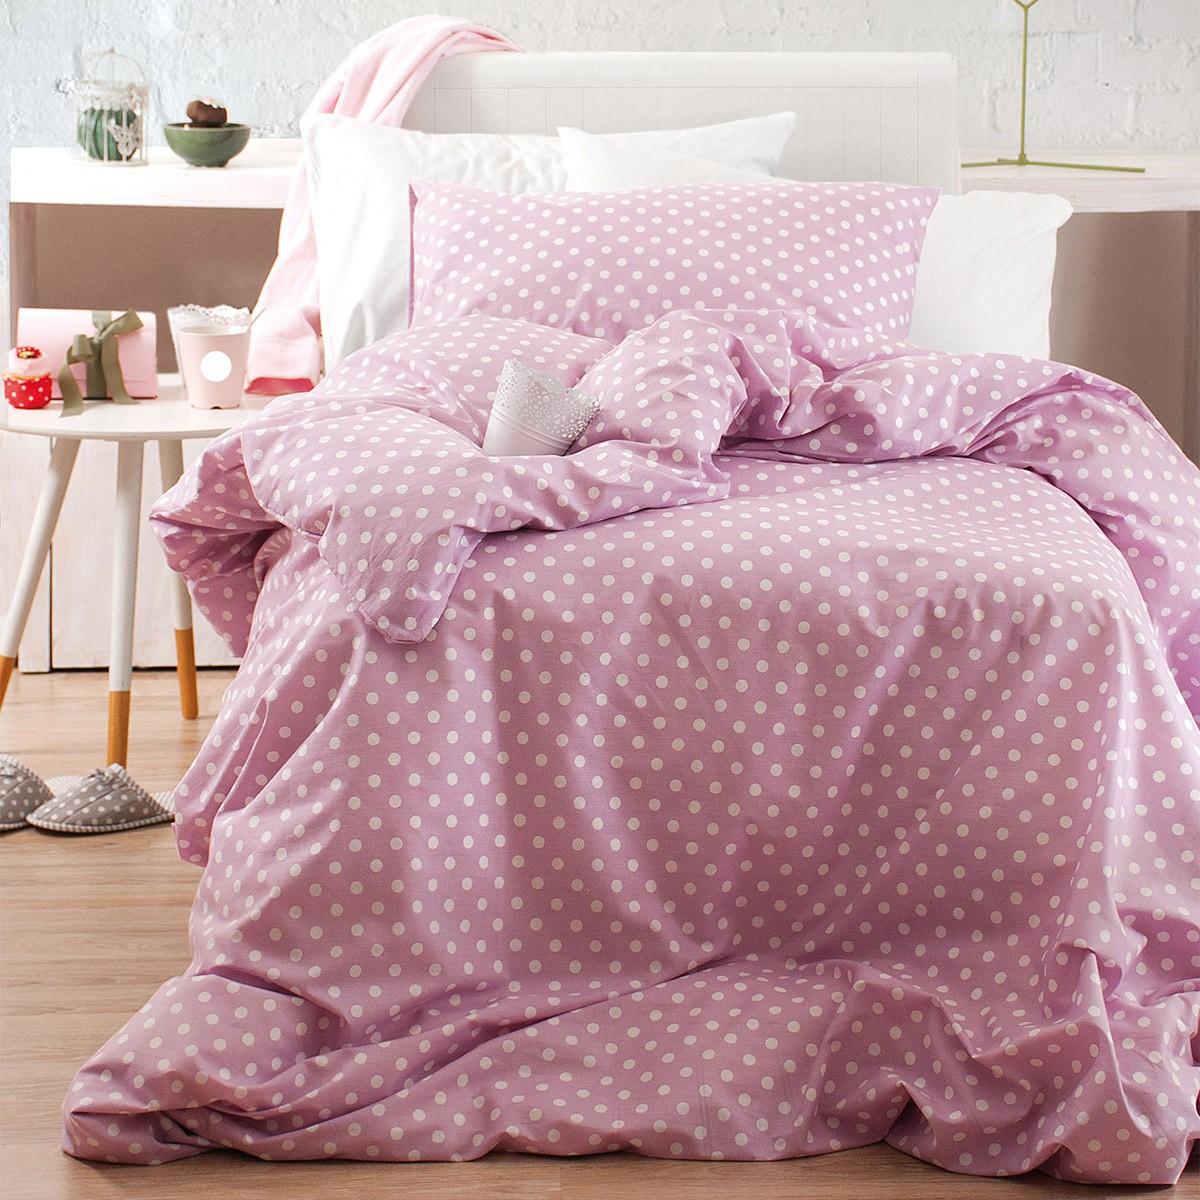 Παπλωματοθήκη Μονή (Σετ) Rythmos Diva Sassy New Pink